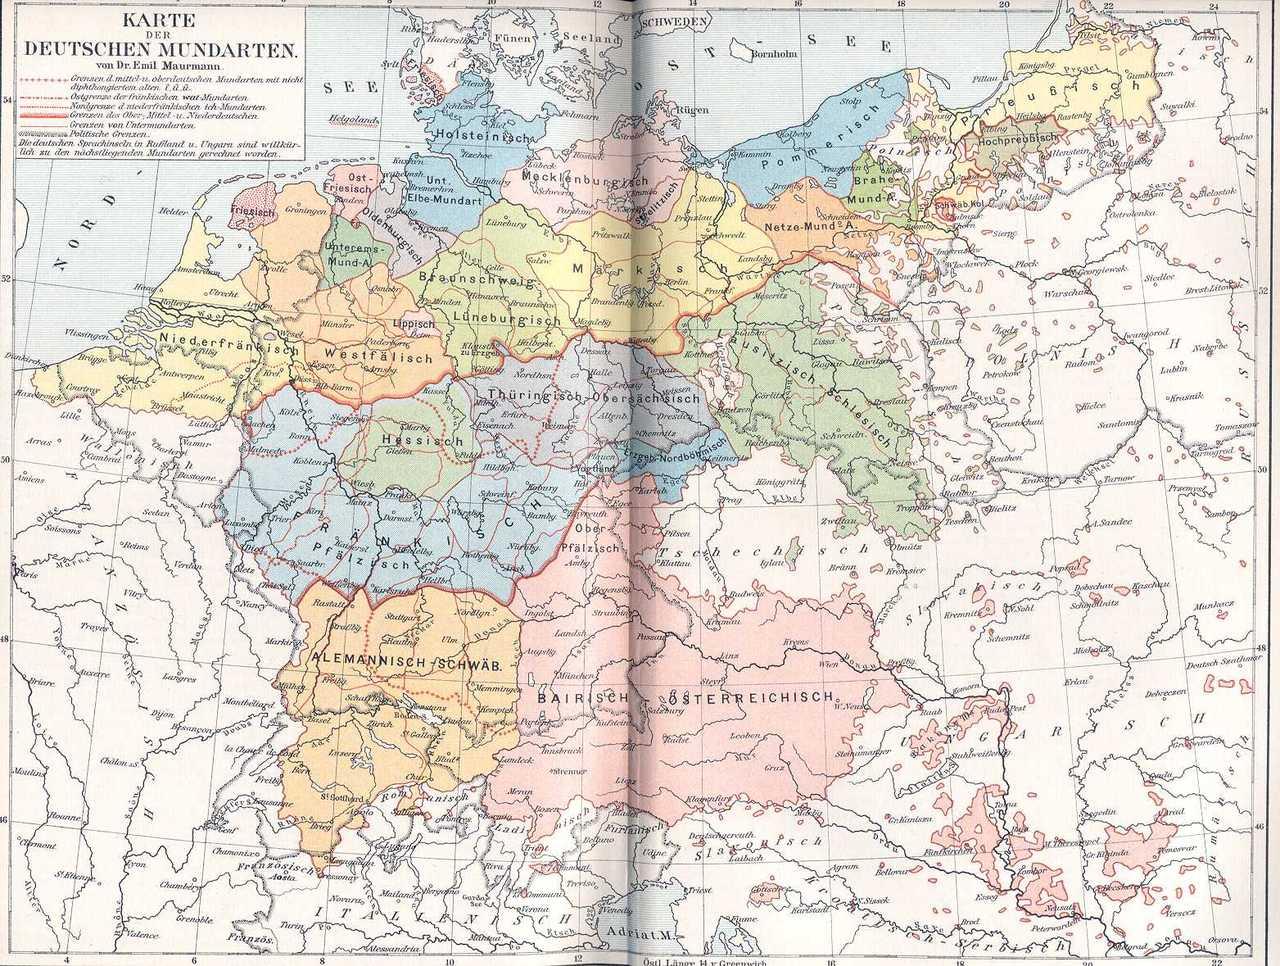 magyarország térkép 1980 Gesztes.hu: Magyarország a német nyelvjárások 1890 es európai térképén magyarország térkép 1980